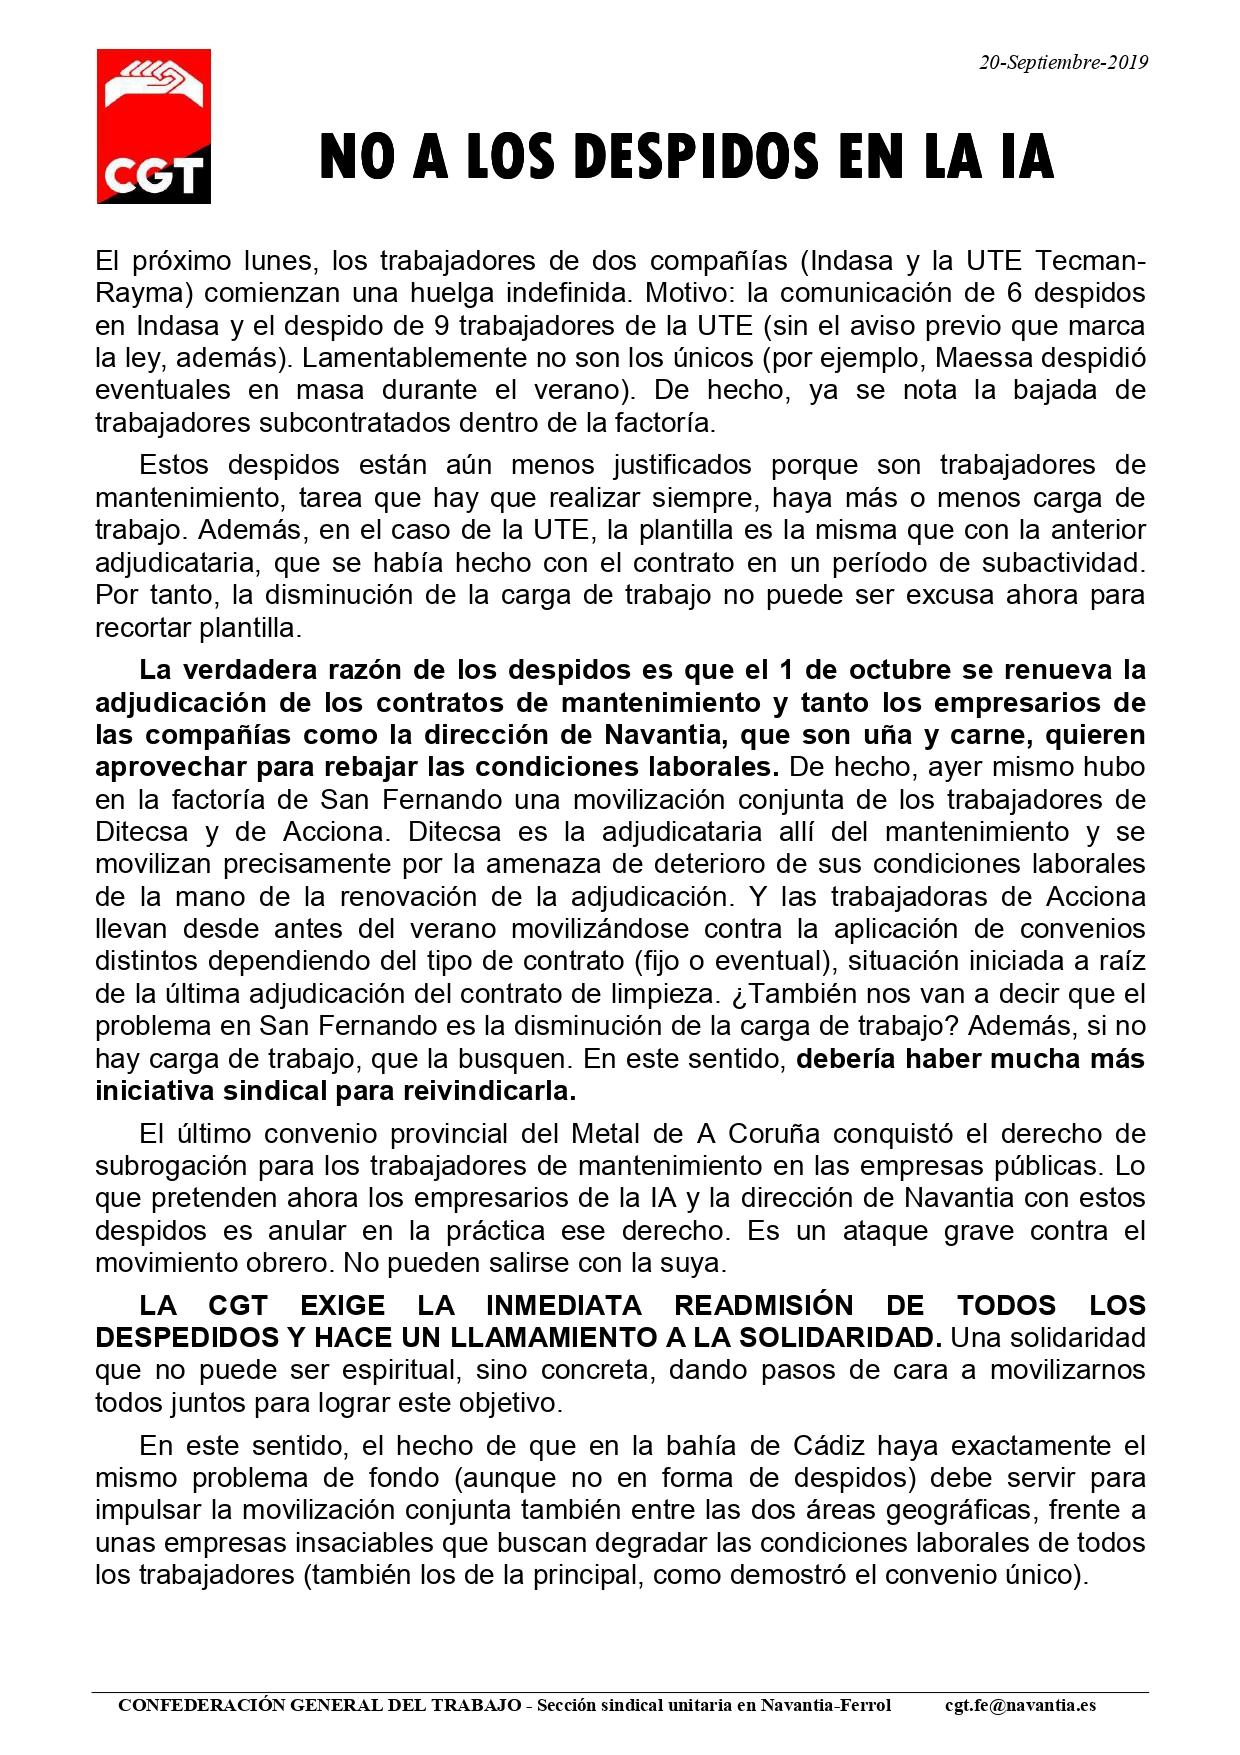 CGT 2019-08-30 No a los despidos en la IAUX_page-0001